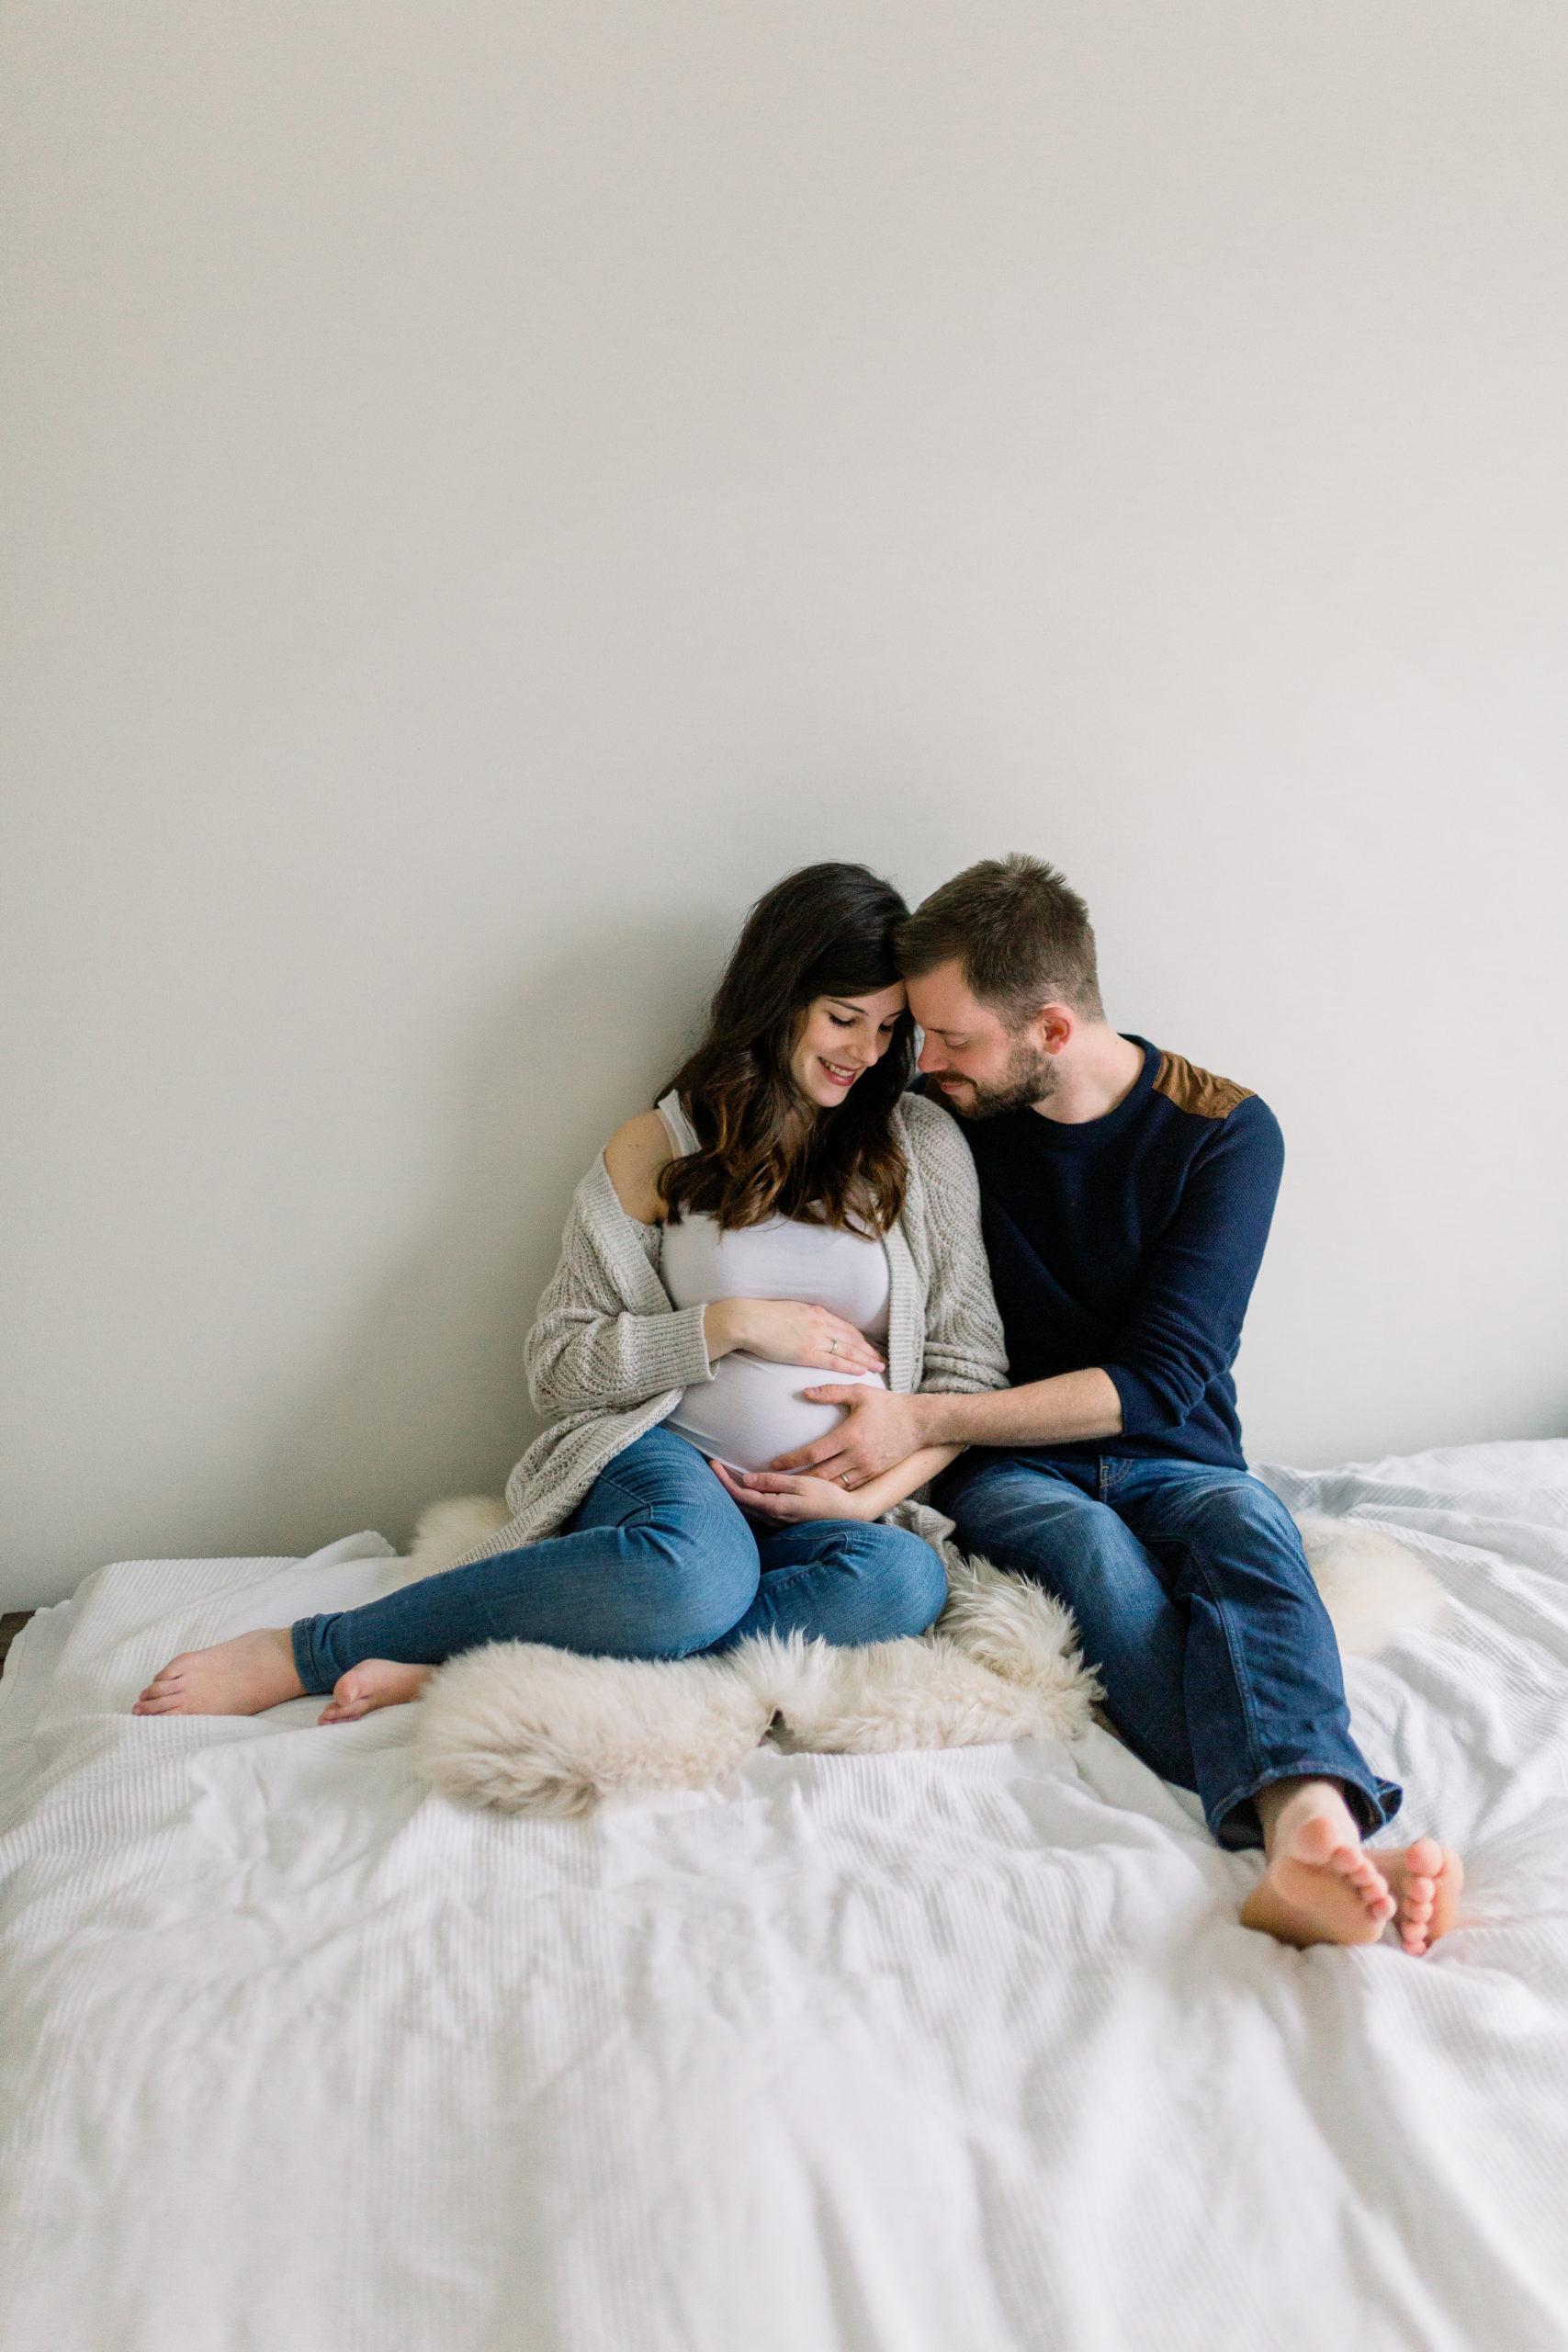 Babybauch mit Partner. Sitzen auf dem Bett